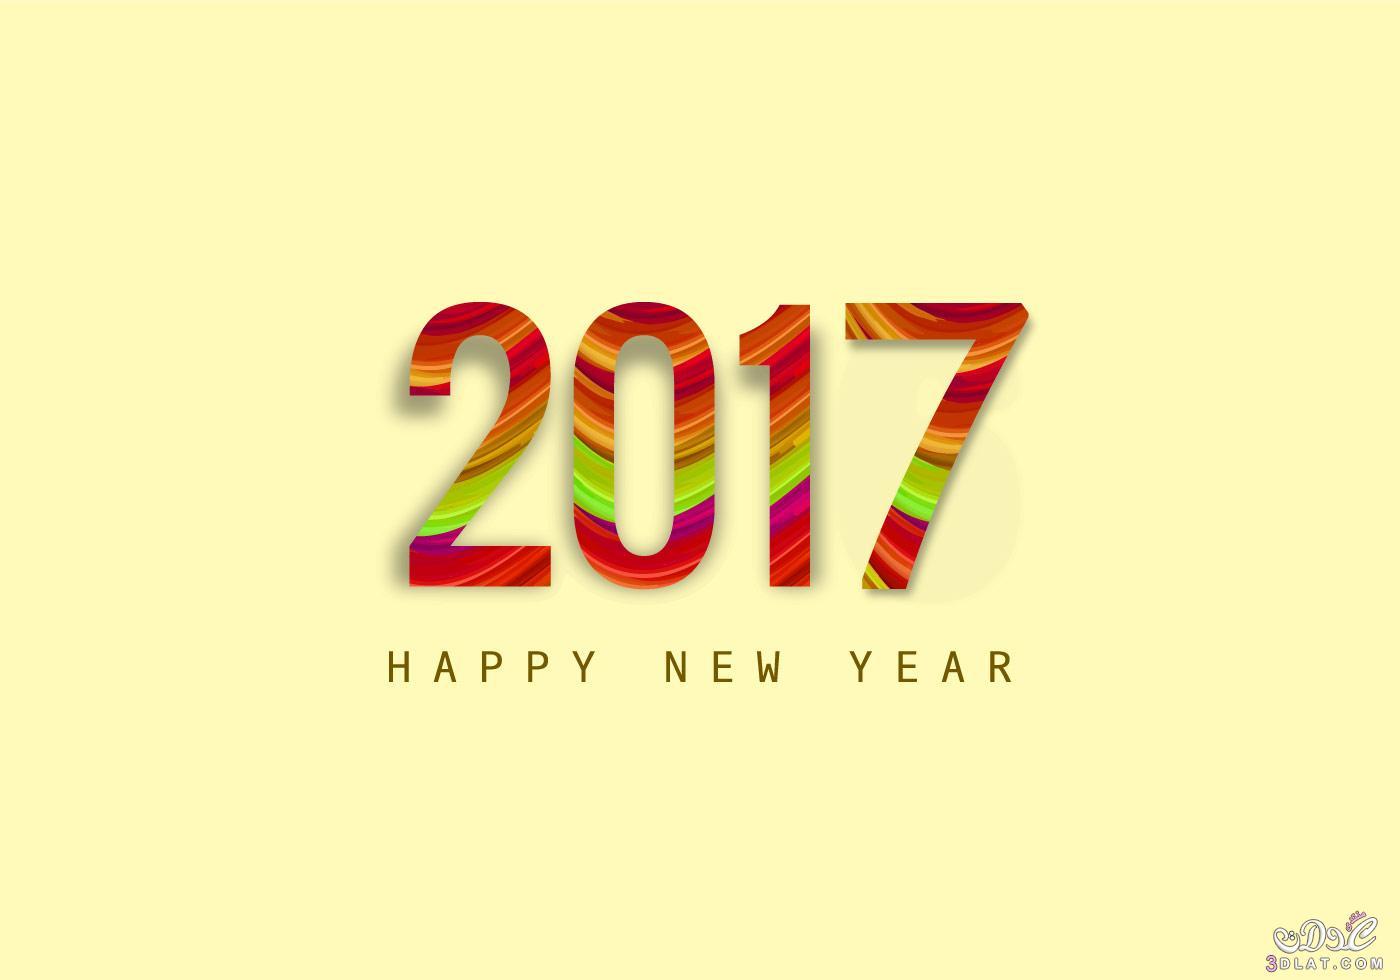 خلفيات جديدة لراس السنة الميلادية 2017 , اروع الخلفيات للعام الجديد , احدث الرمزيات للعام 2017 new_1479739244_221.j